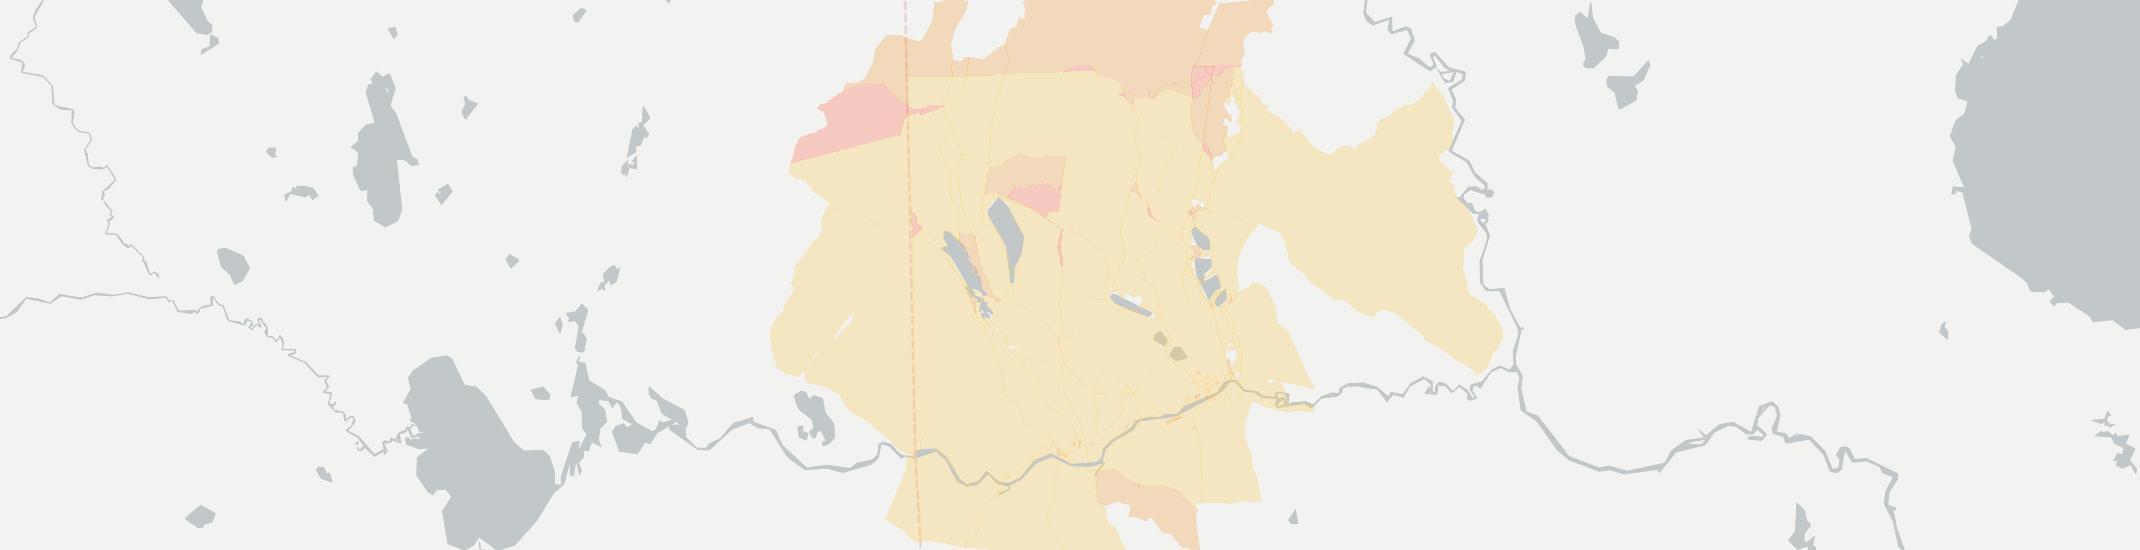 Porter Maine Map.Internet Providers In Porter Me Compare 8 Providers